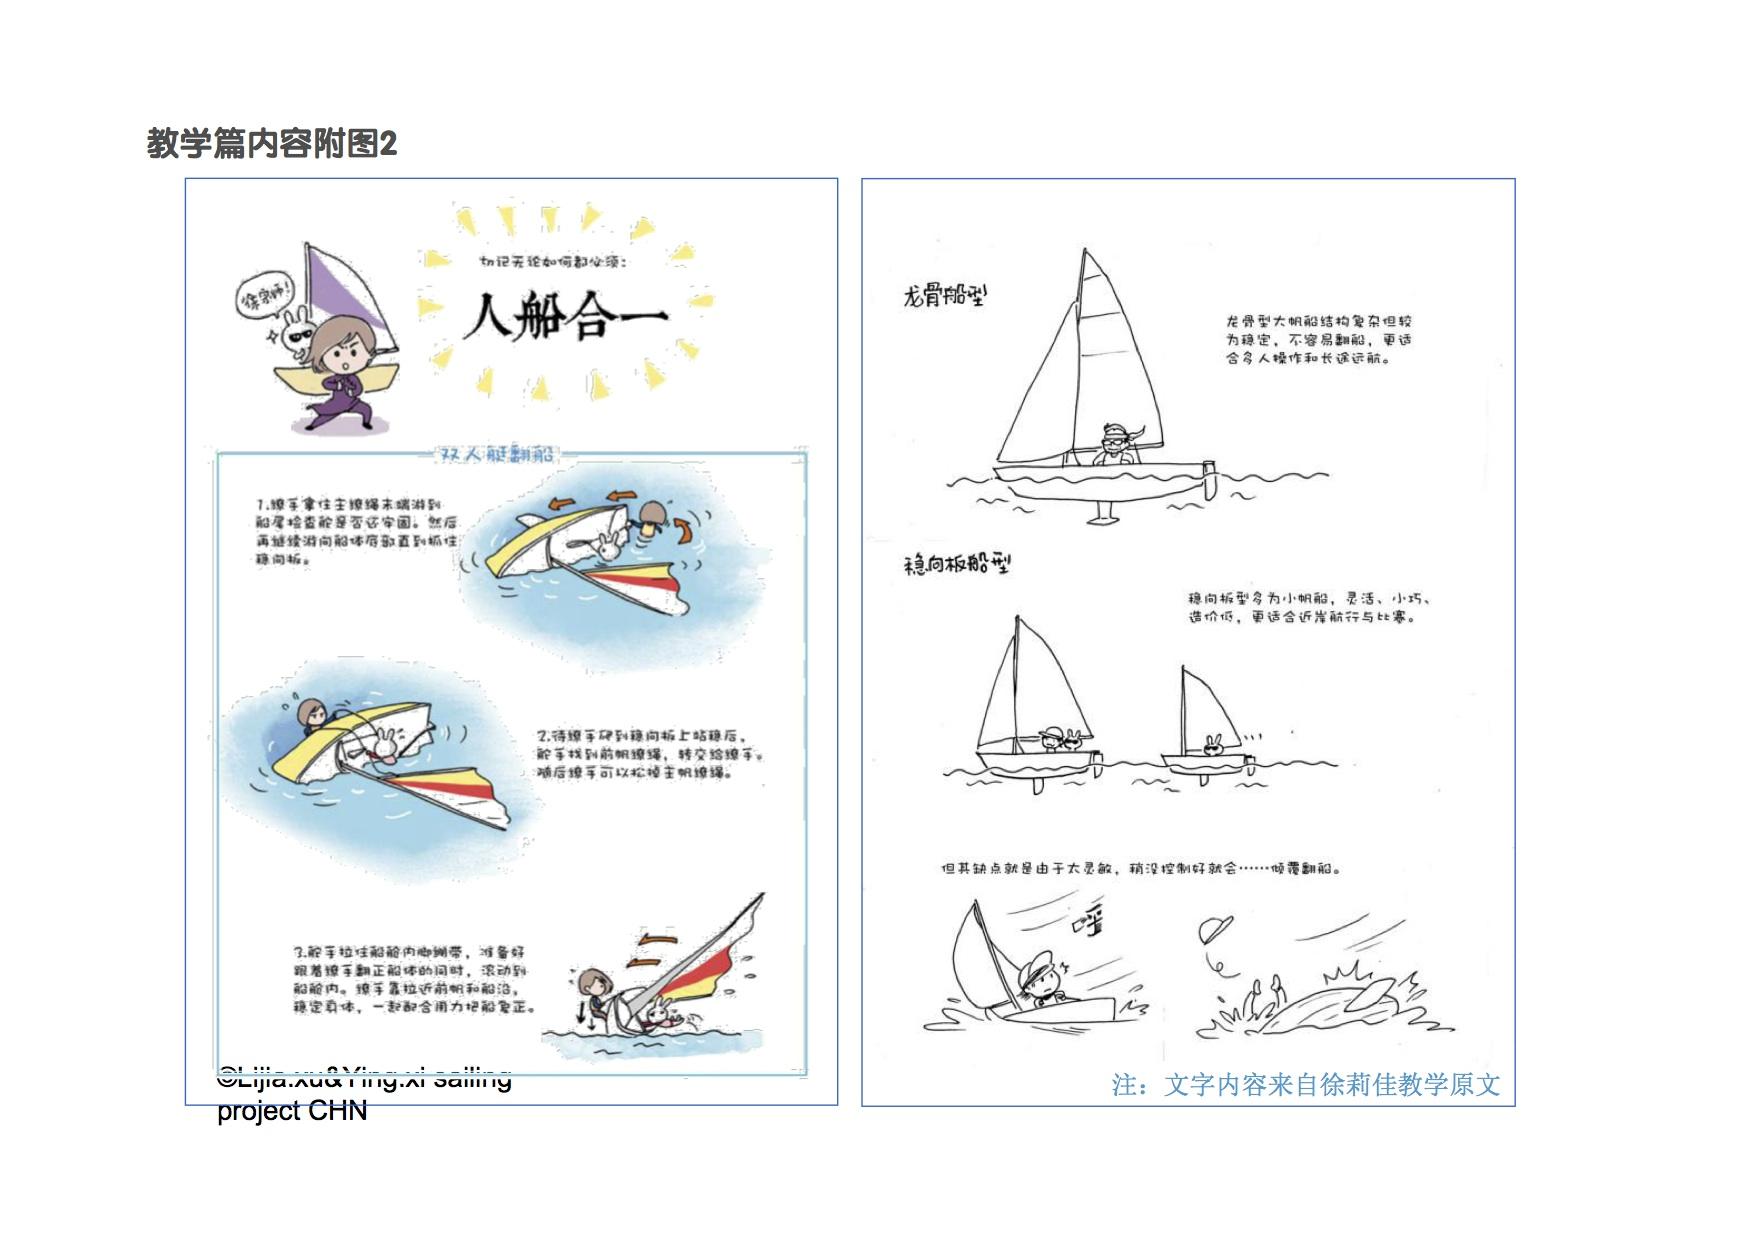 徐莉佳,帆船 一起来支持徐莉佳帆船漫画系列书 绘本帆船创作企划案16.jpg